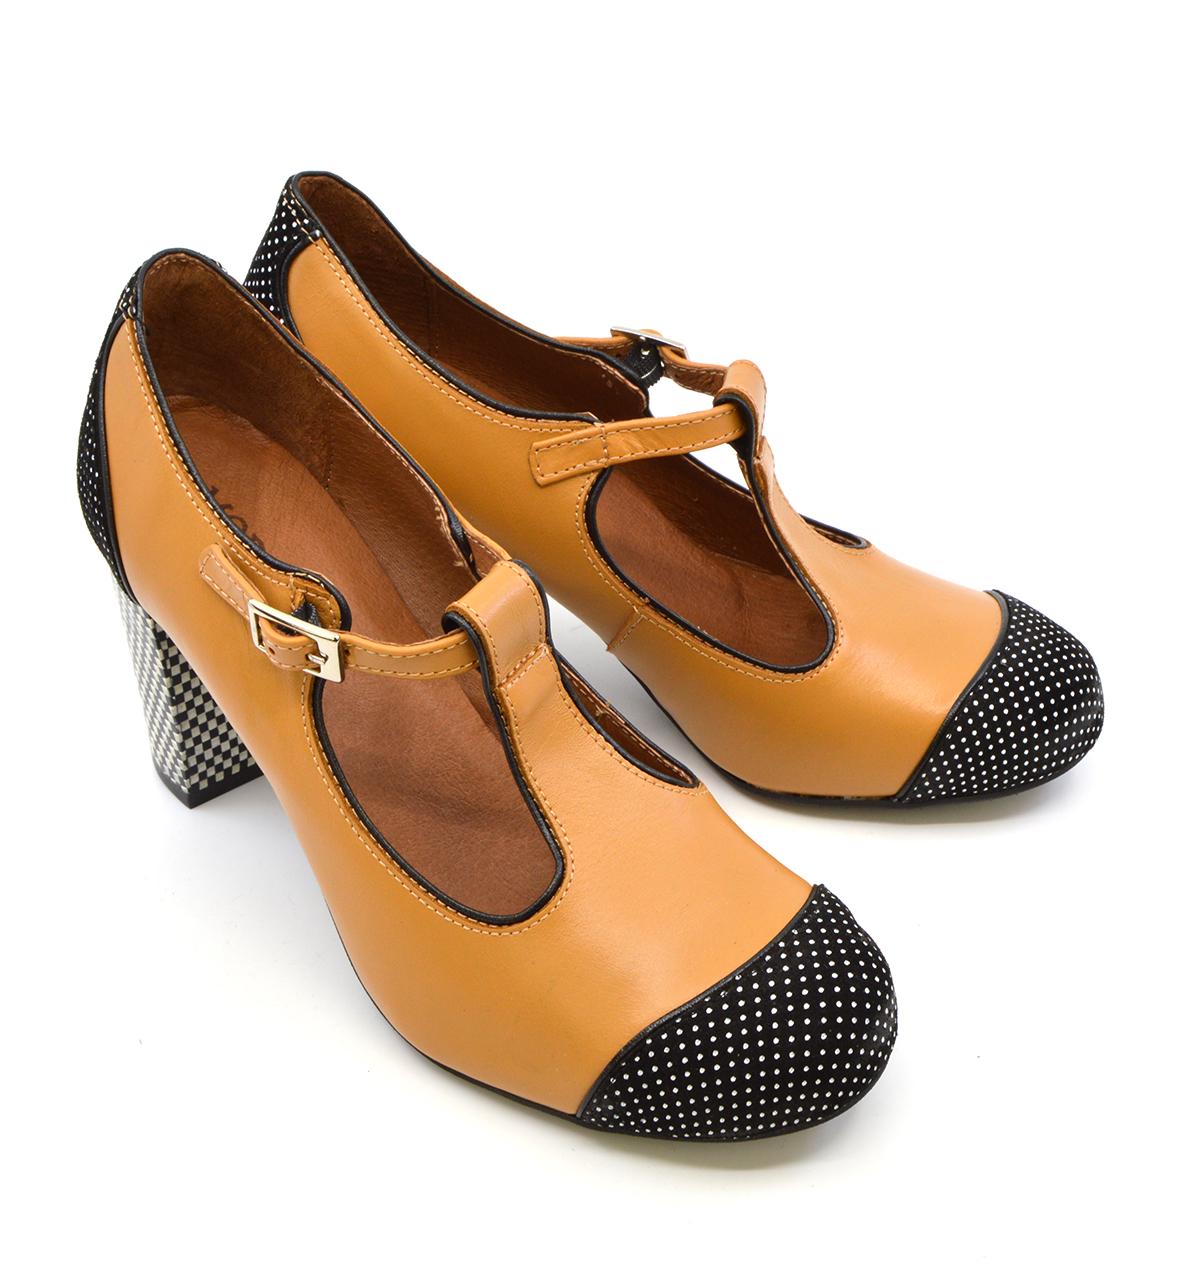 Ladies Retro T-Bar Shoe by Mod Shoes